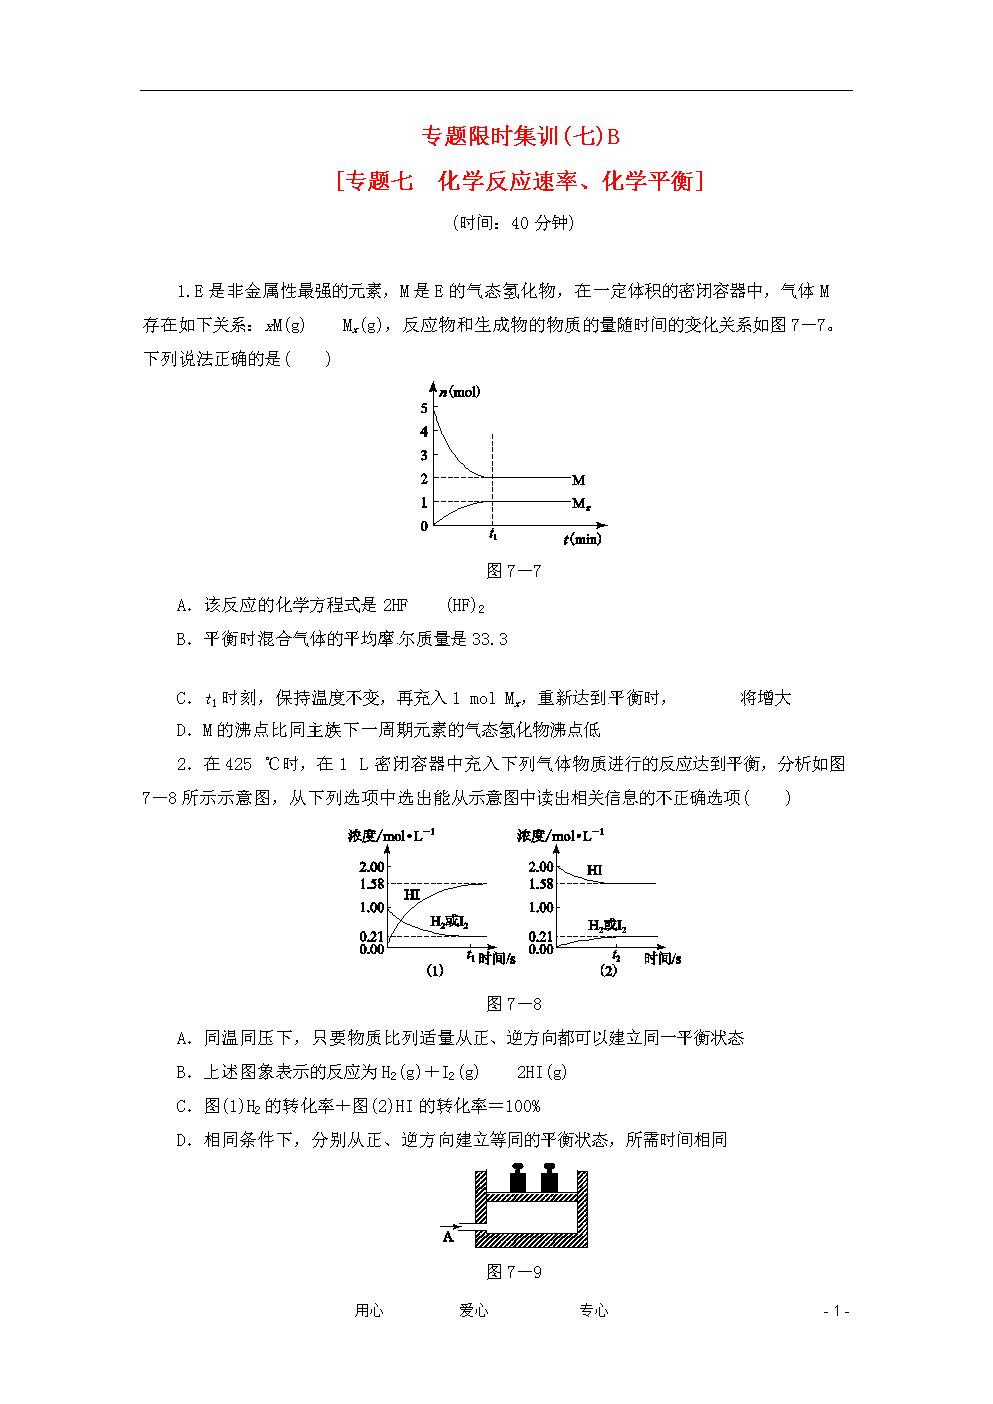 2012高三化学二轮复习作业手册 专题限时集训(七B) 大纲人教版.doc